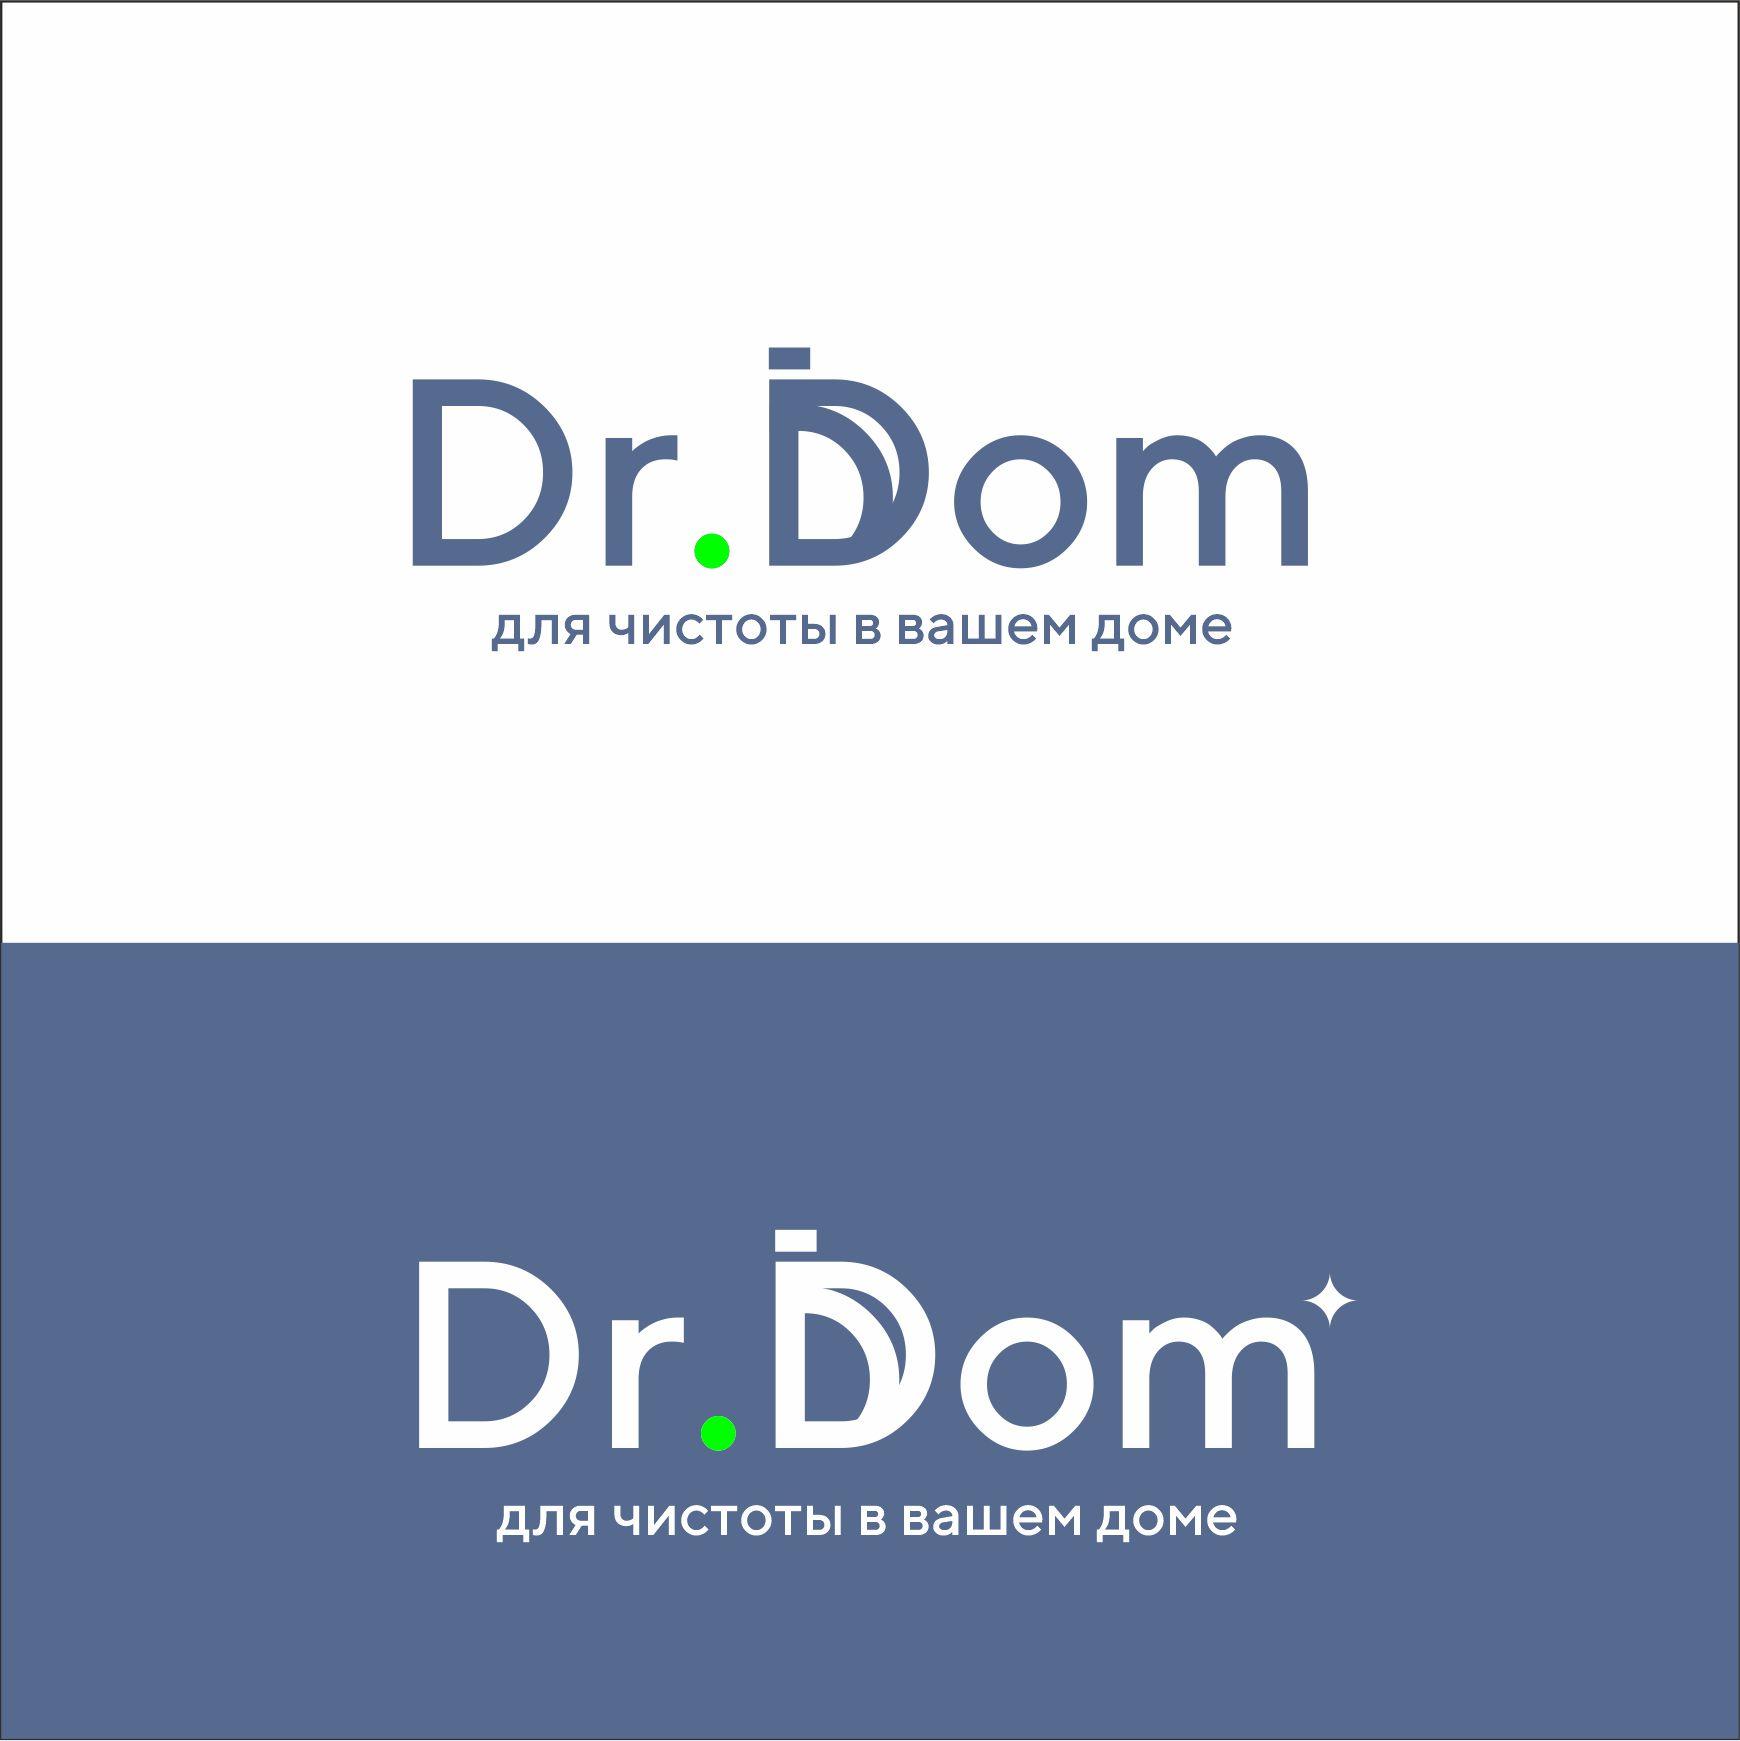 Разработать логотип для сети магазинов бытовой химии и товаров для уборки фото f_0125ffeb38f6d934.jpg